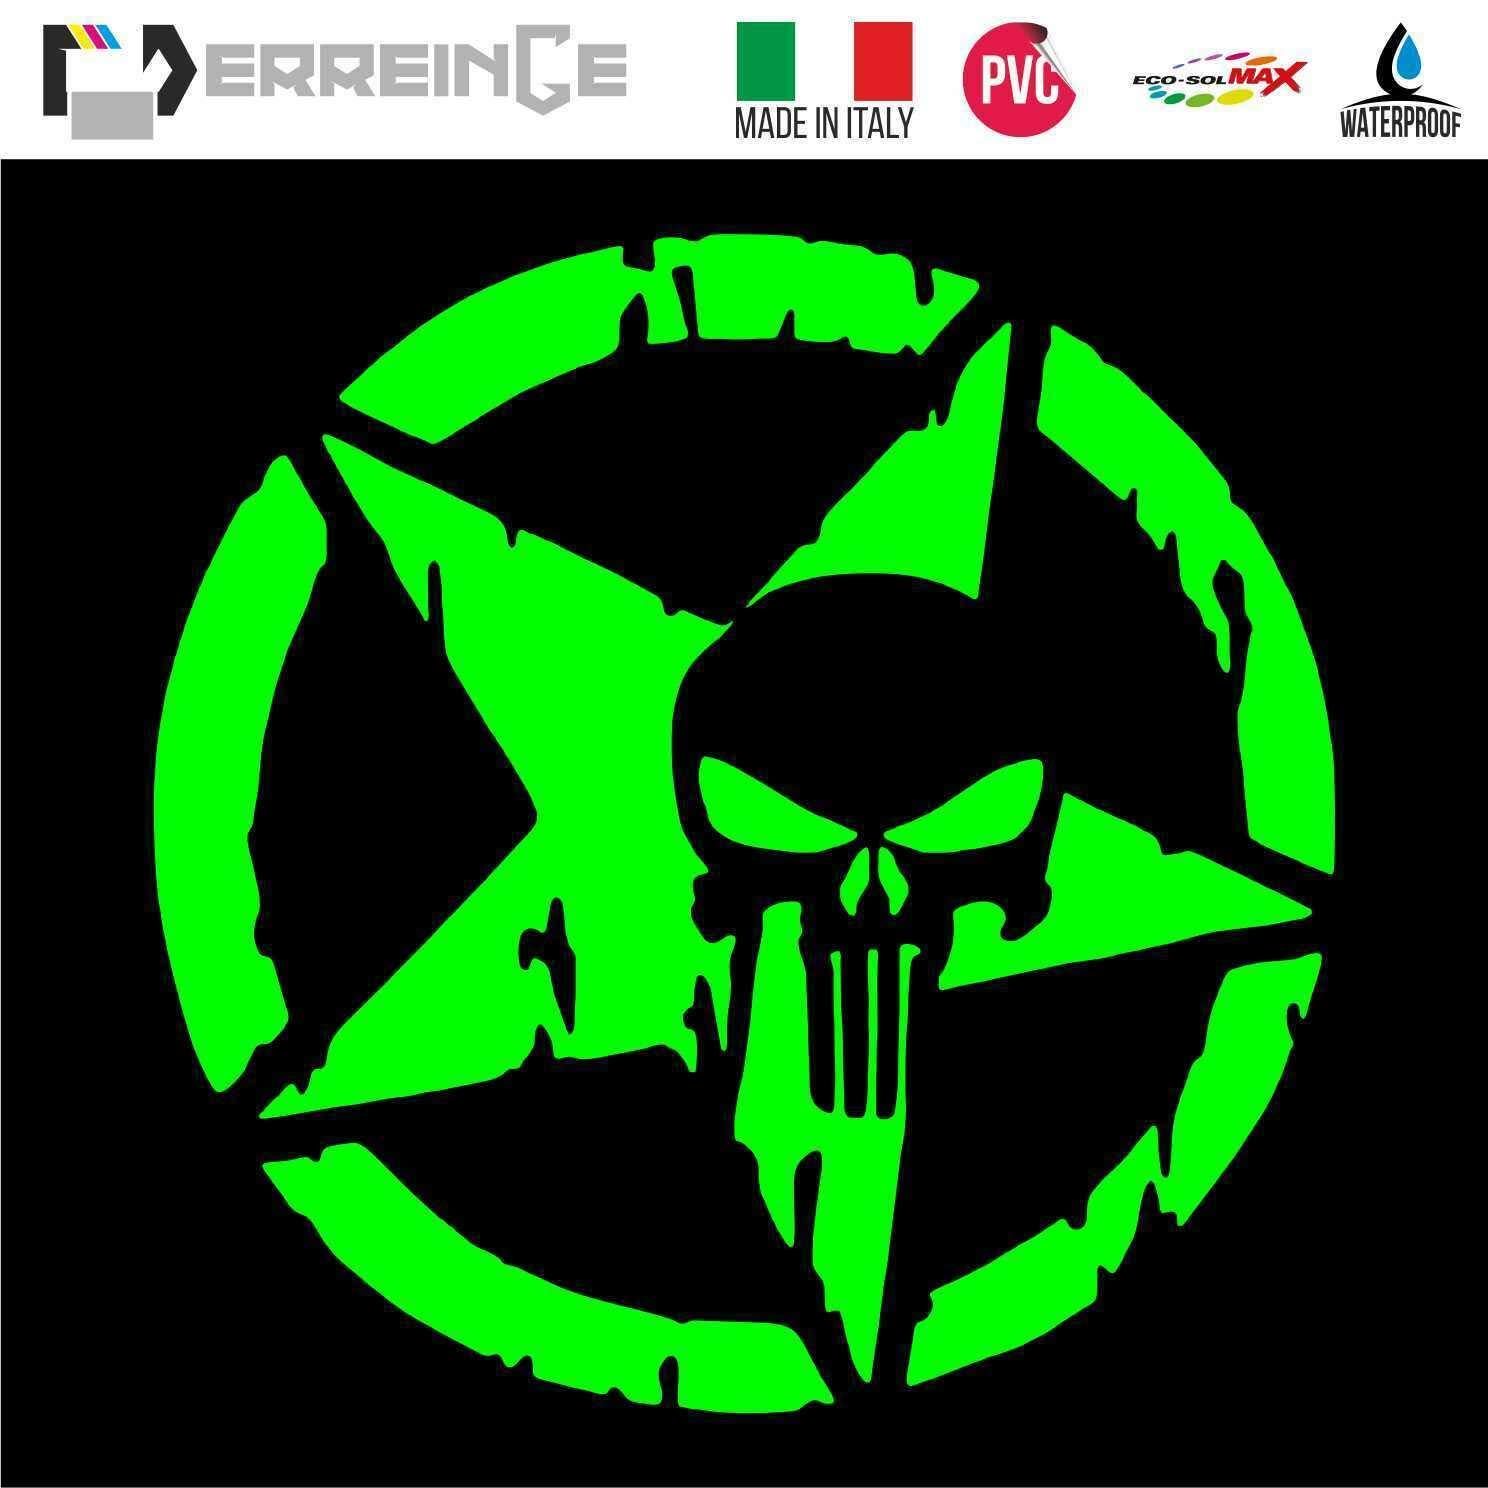 cm 20 ERREINGE Sticker PUNISHER /ÉTOILE MILITAIRE ARMY ROUGE Autocollant pr/éd/écoup/é in PVC pour D/écalcomanie Muraux Voiture Moto Casque Campeur Portable Scooter